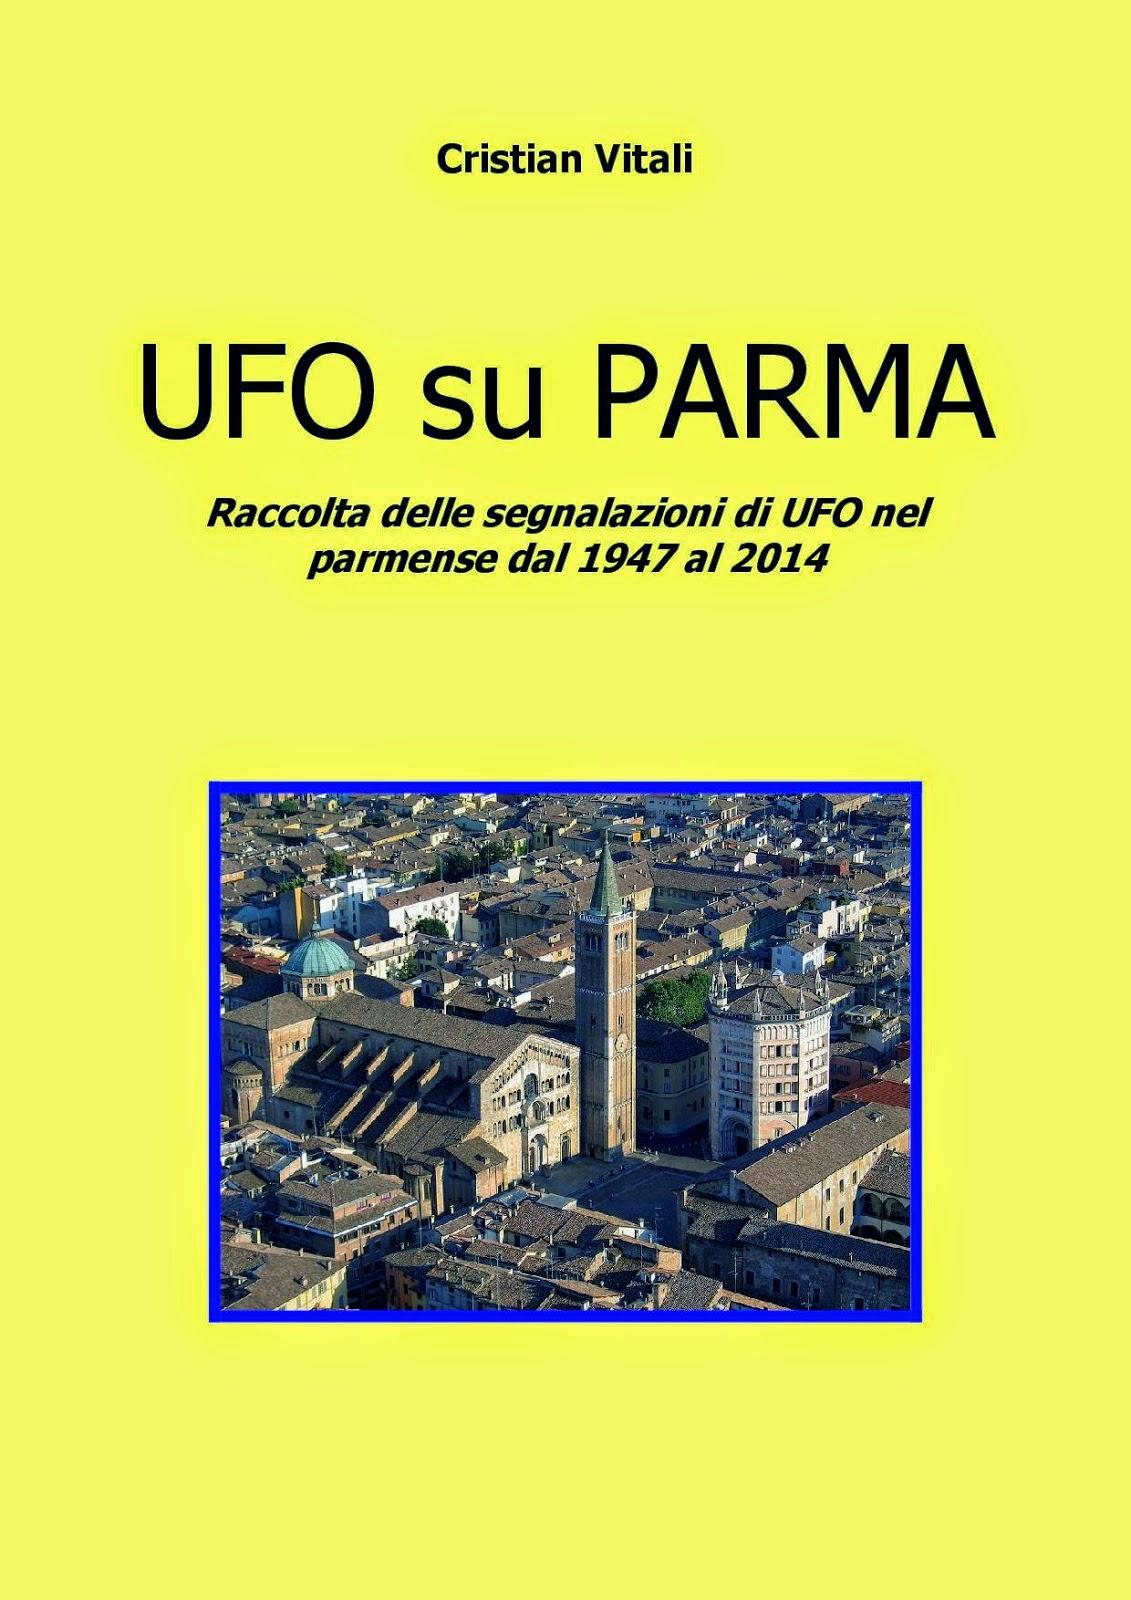 UFO SU PARMA - di CRISTIAN VITALI